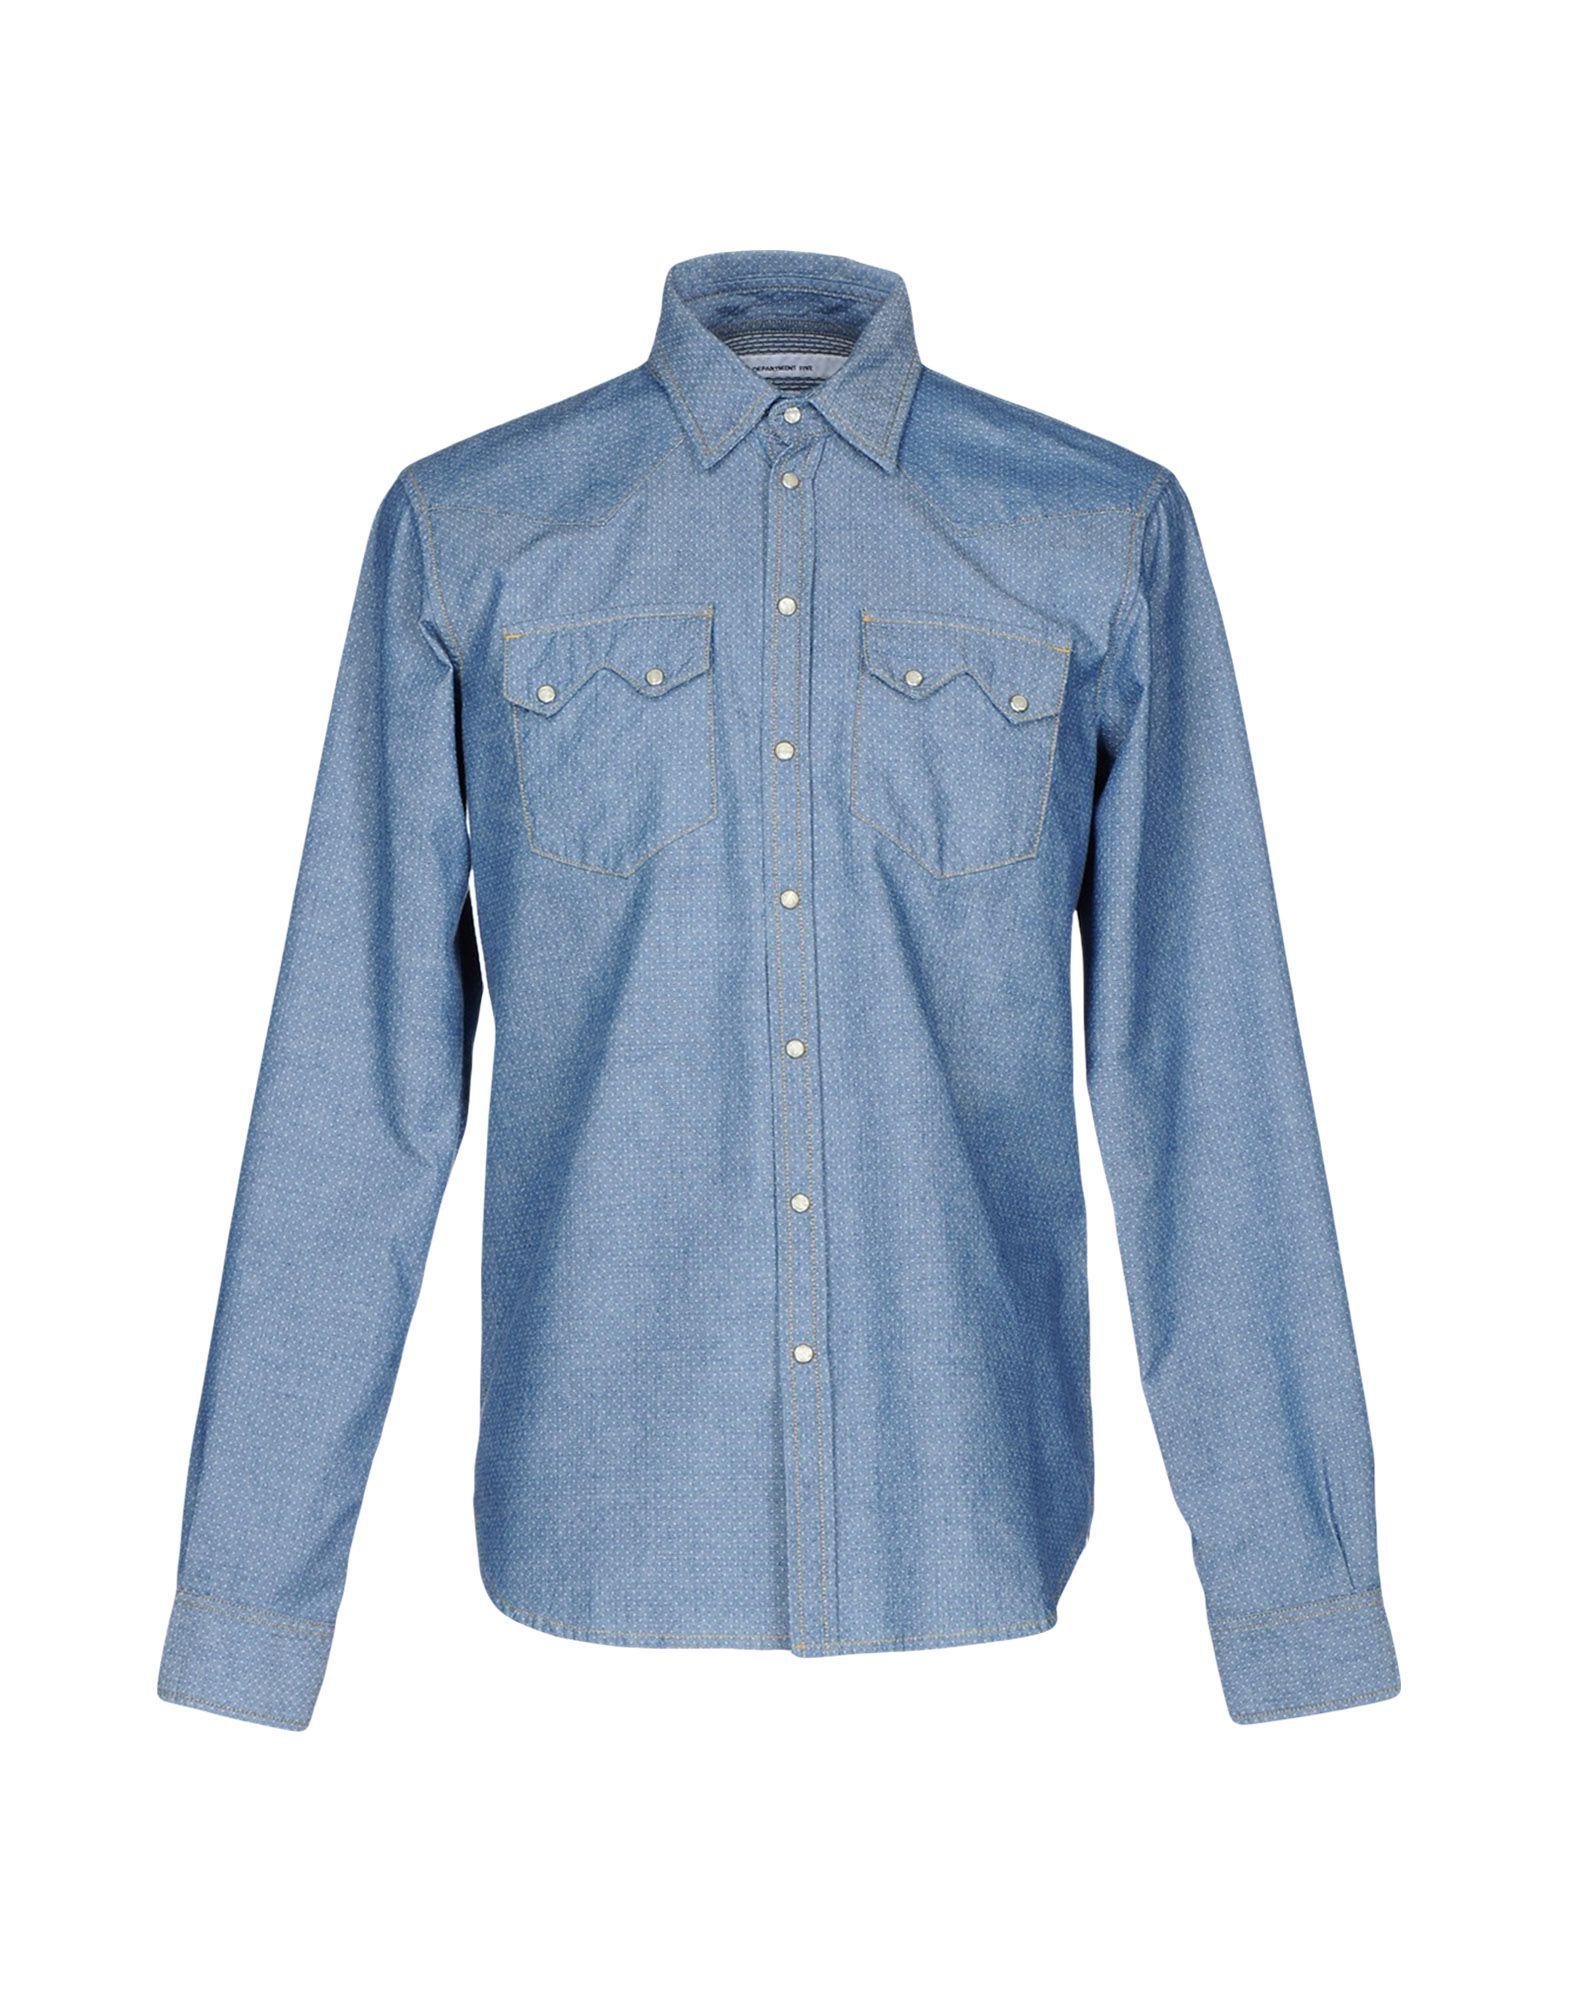 DEPARTMENT 5 Джинсовая рубашка рубашка в мелкий горошек